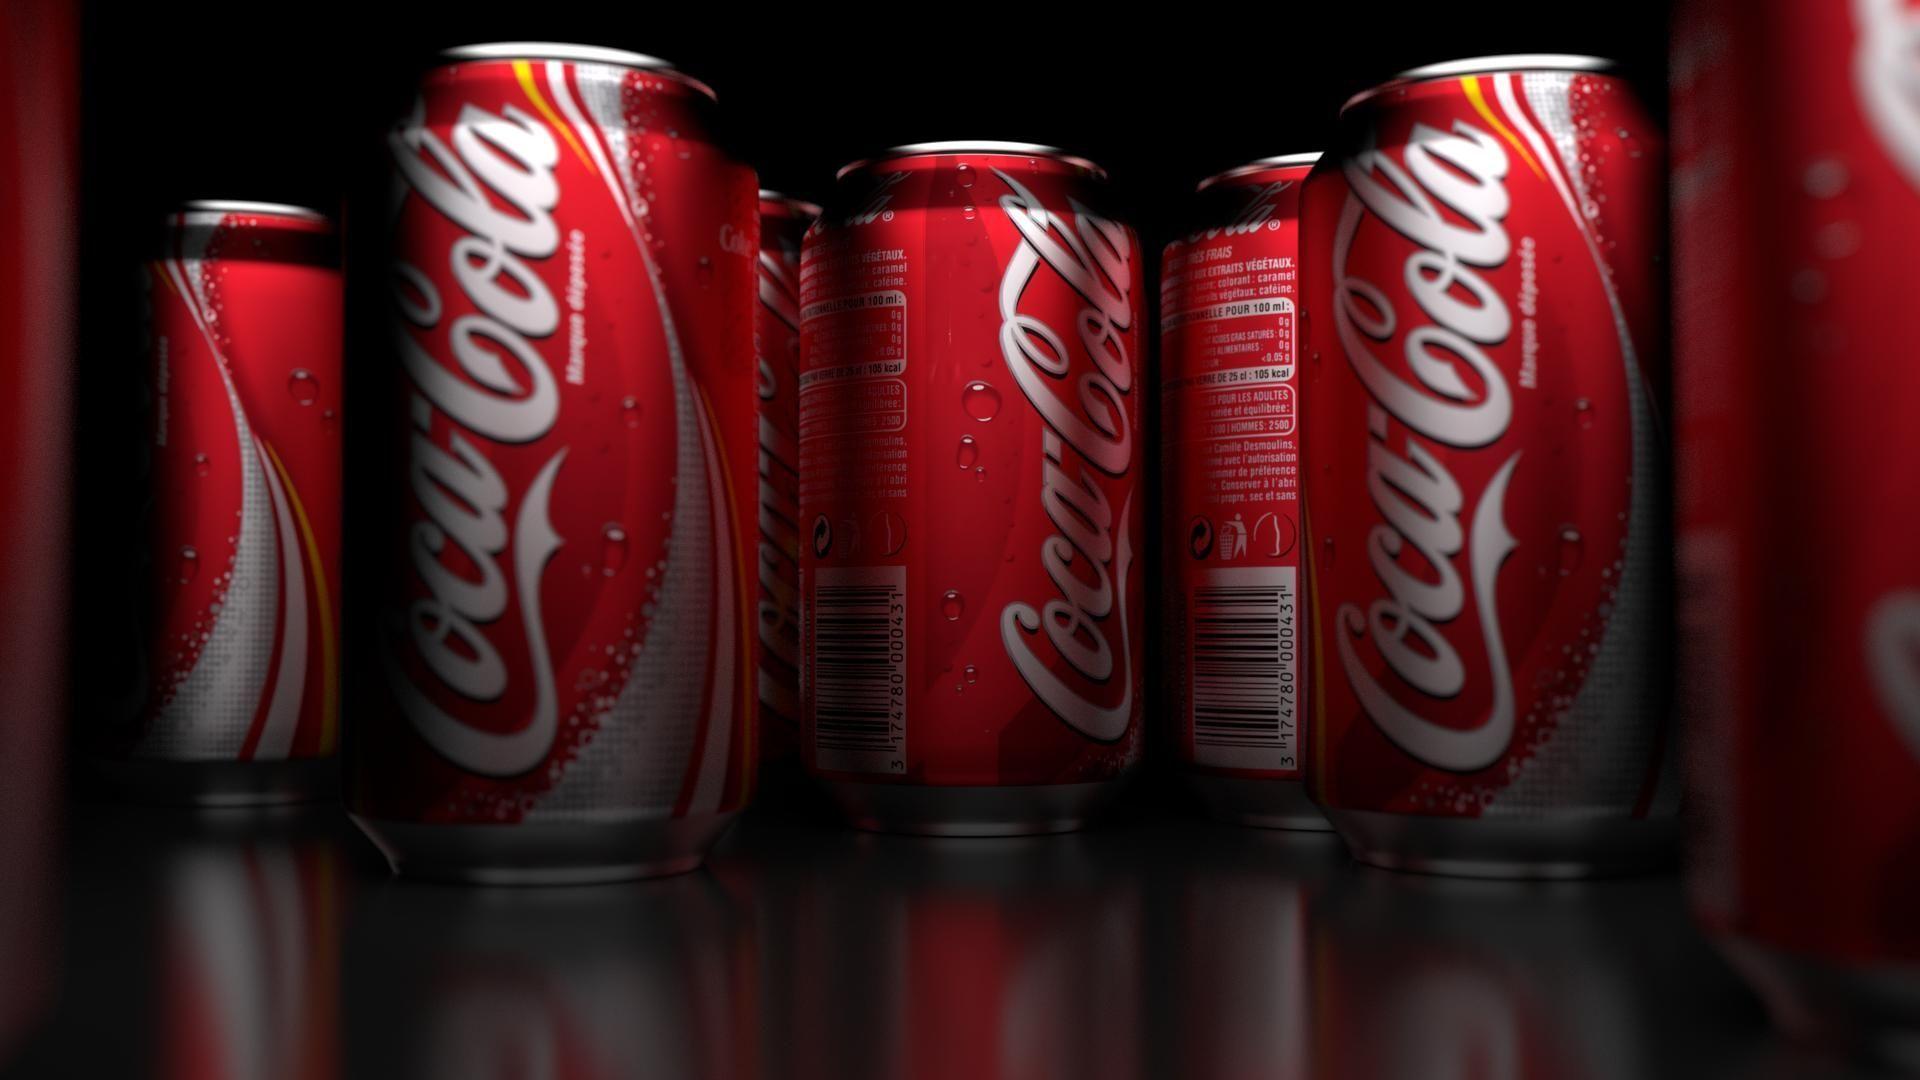 Coca Cola vertical wallpaper hd